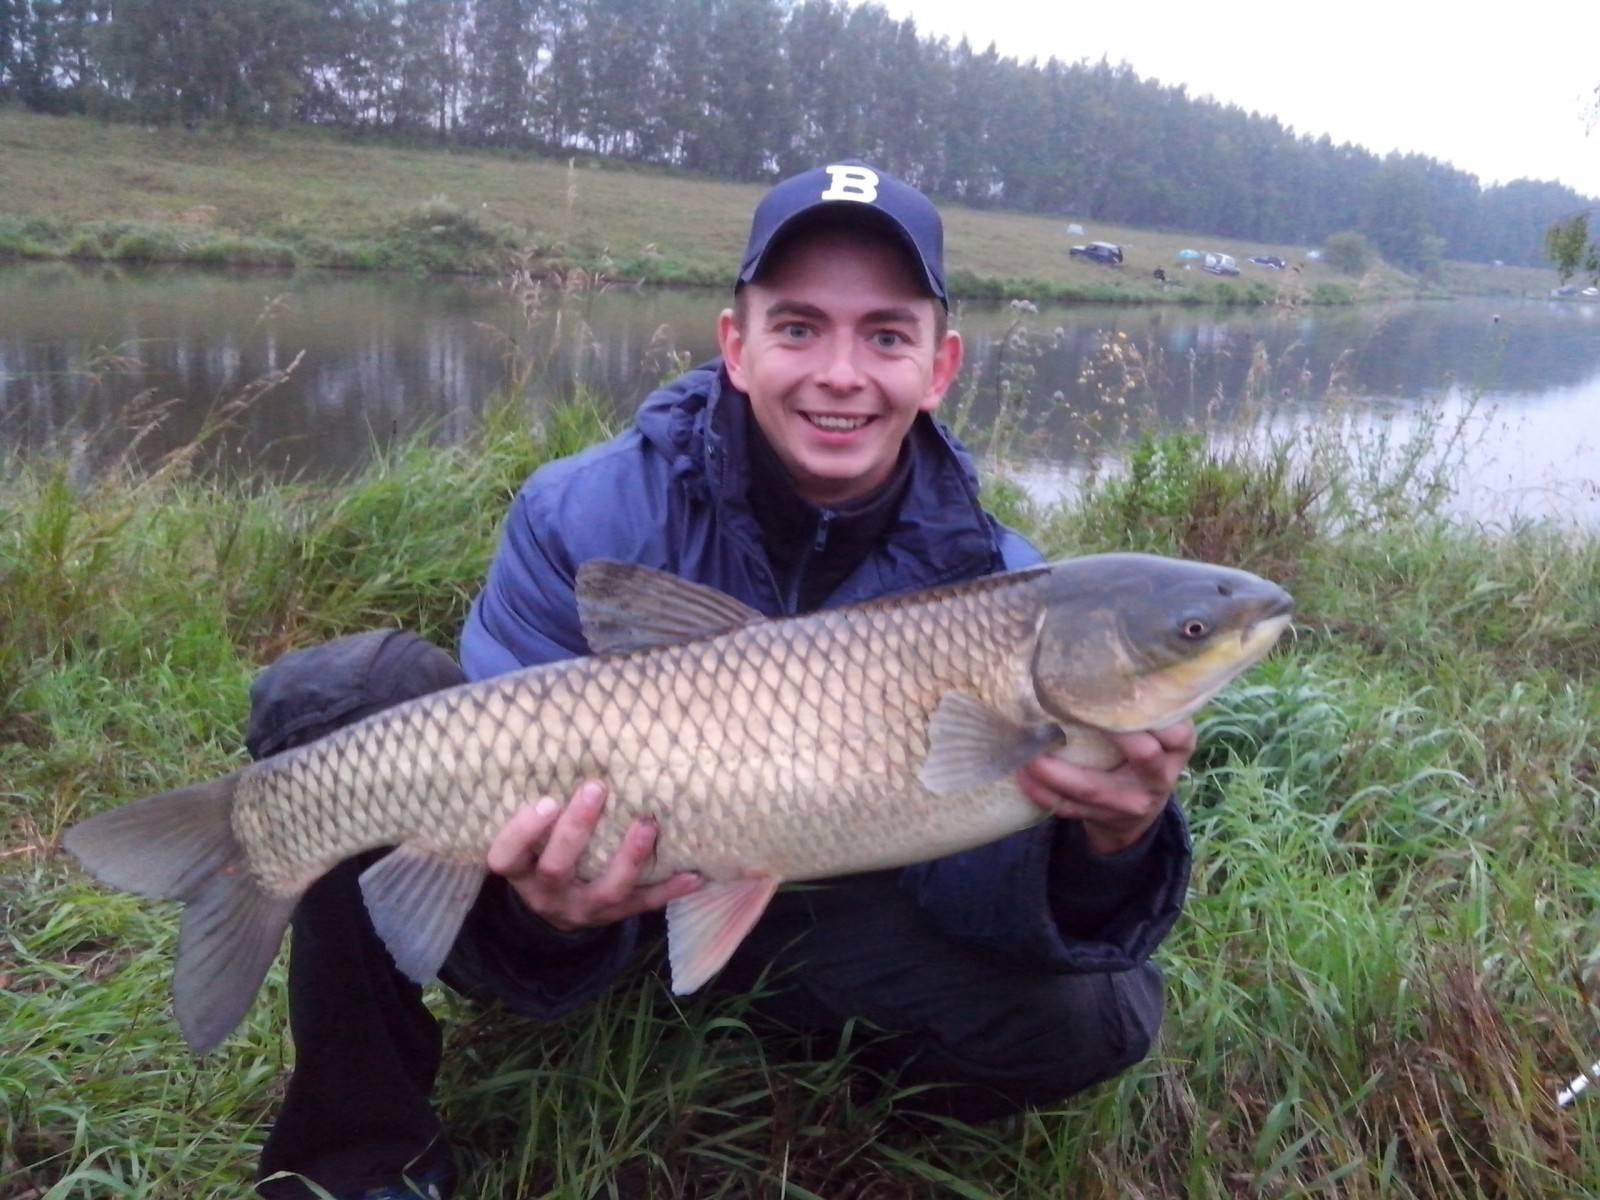 Рыбалка в тульской области: бесплатные реки и озёра, платные пруды, видовое разнообразие рыбы в регионе